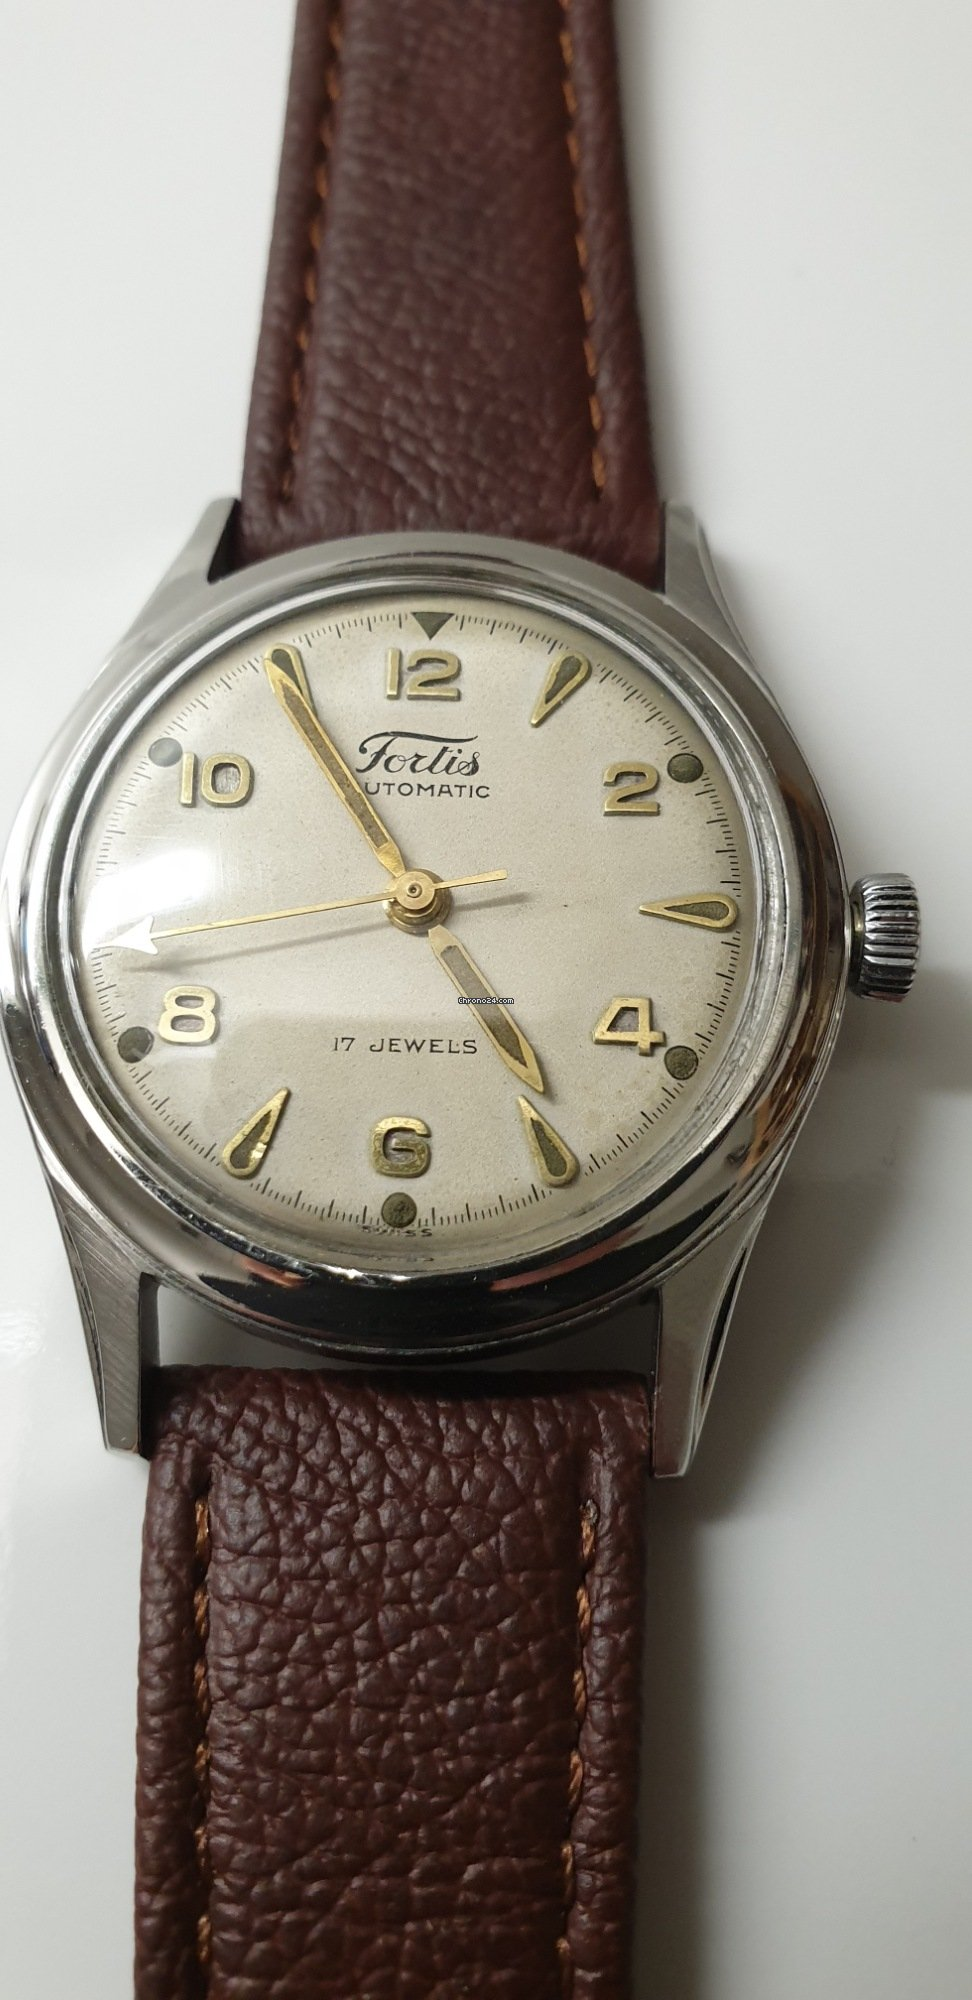 1d3cb8c6f Fortissimo Automatic 17 Jewels za 3 718 Kč k prodeji od Soukromý prodejce  na Chrono24